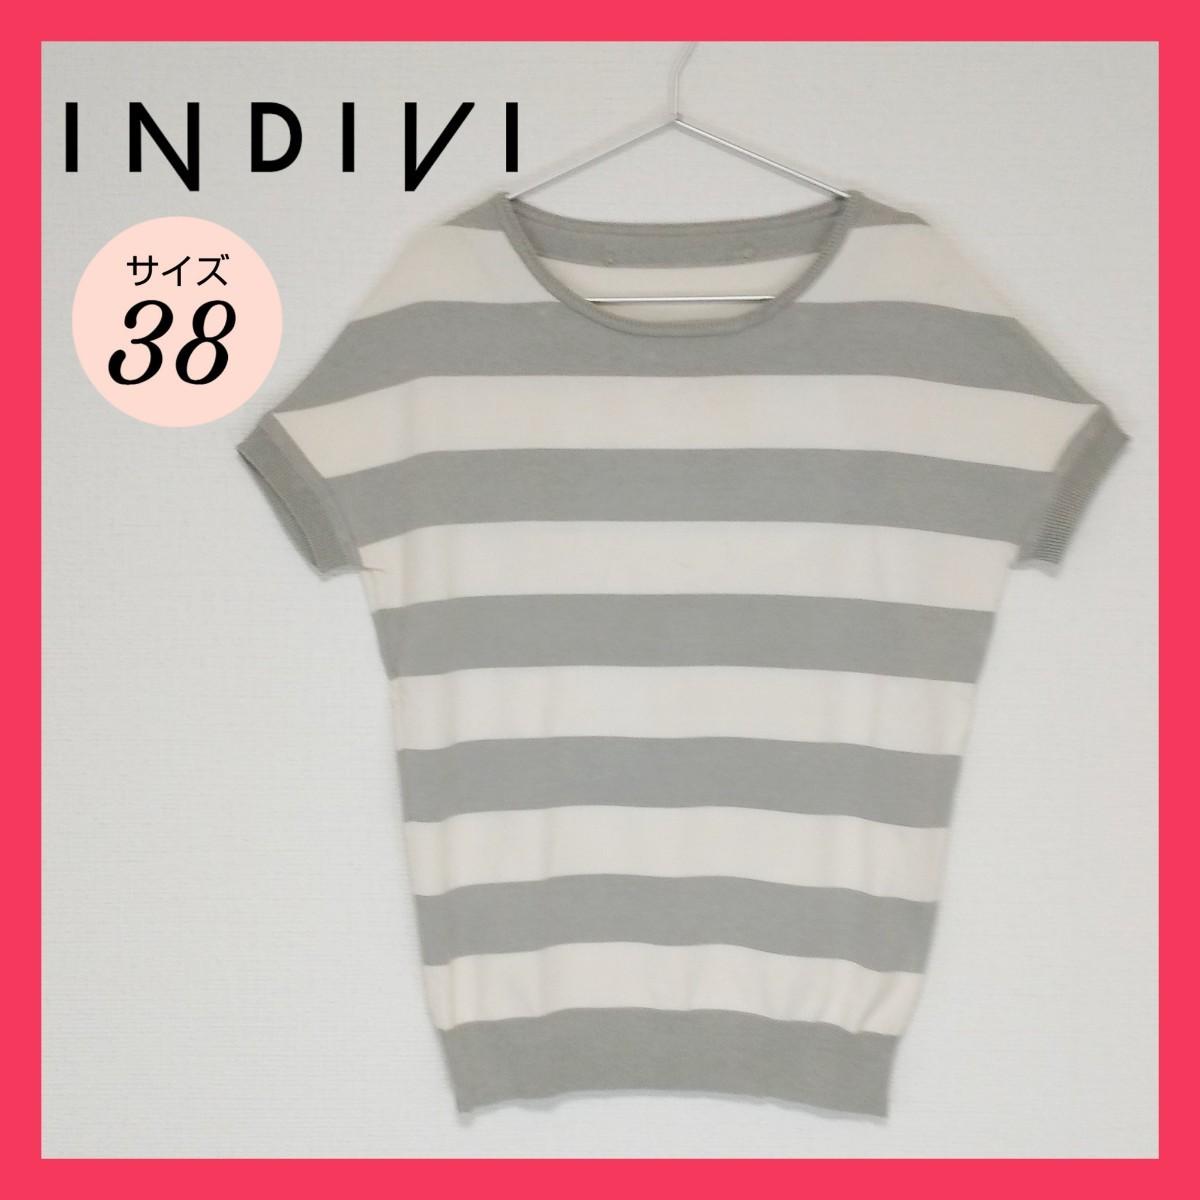 インディヴィ INDIVI ボーダーニット 38サイズ